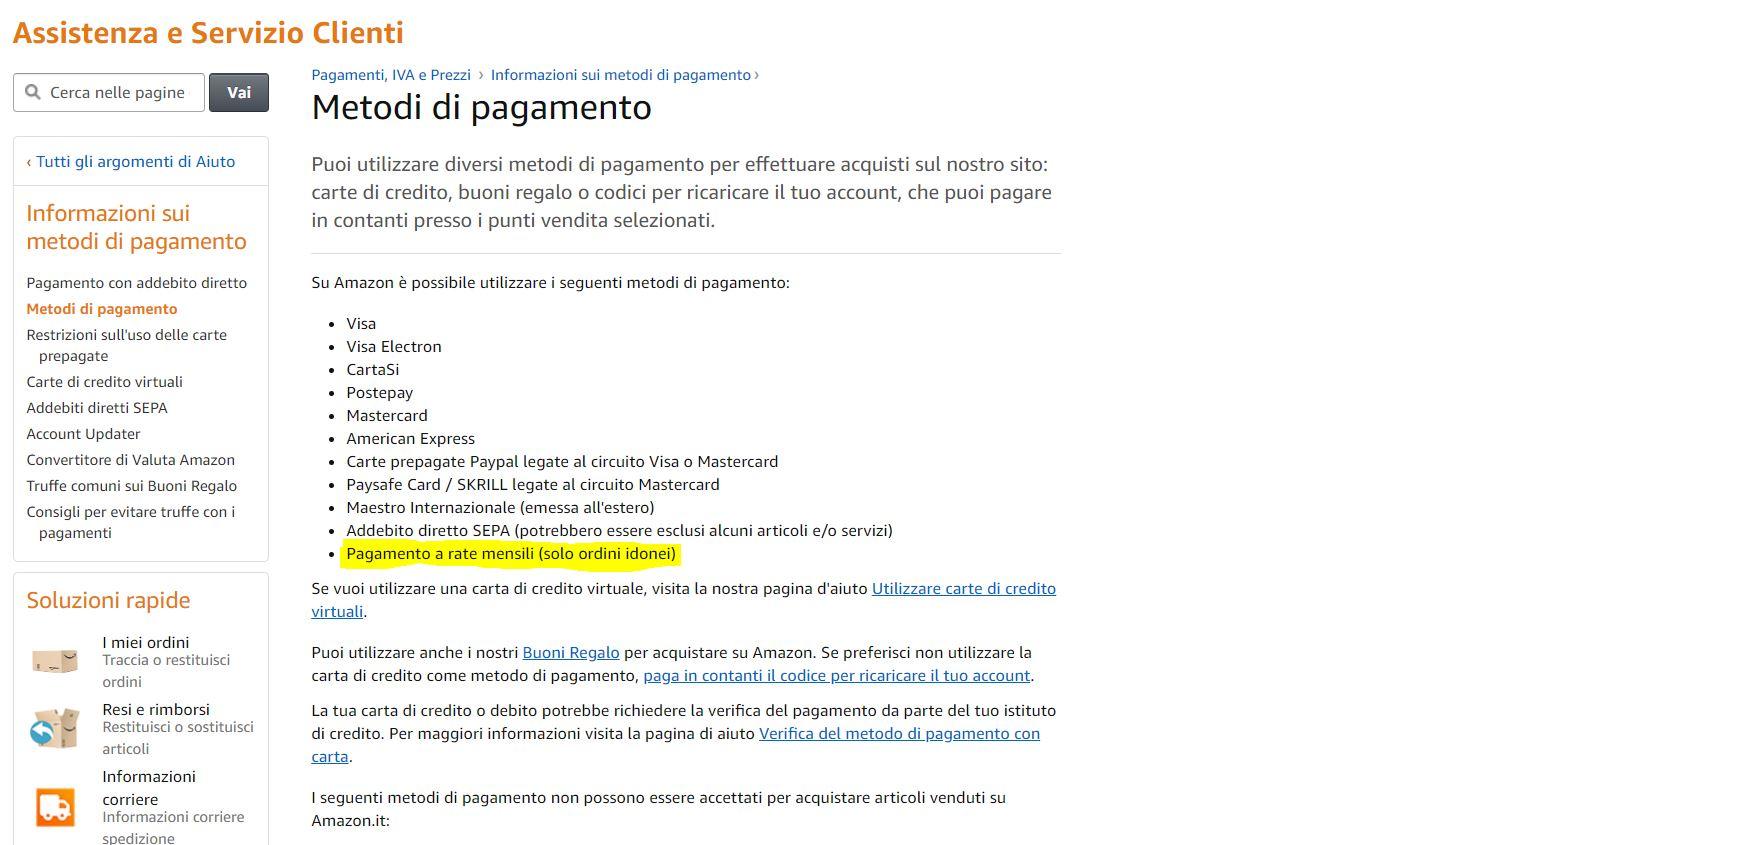 Amazon introduce il pagamento a rate: ecco come funziona 1